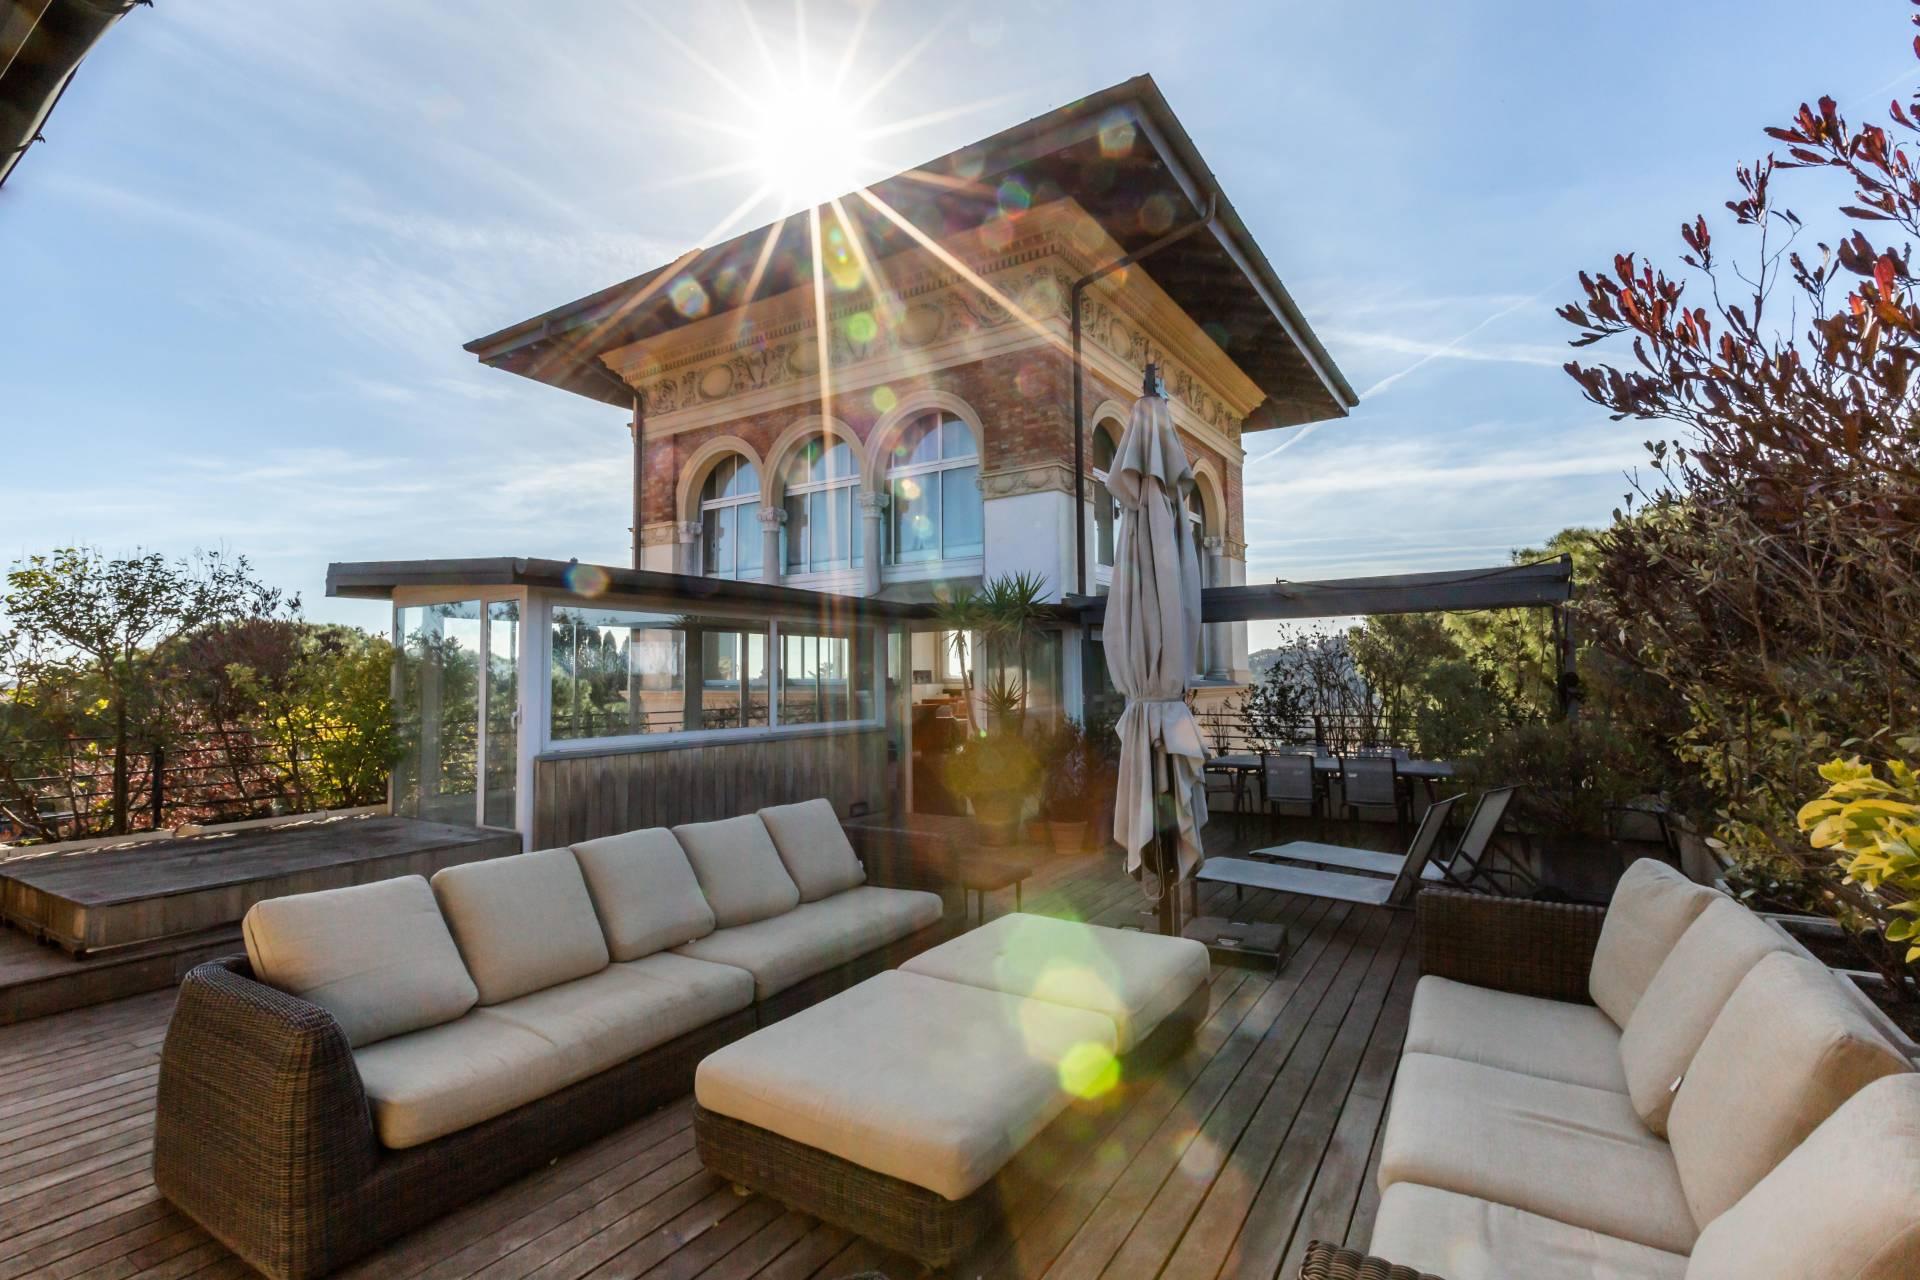 Cbi100 dolci attico in vendita a roma parioli for Parioli affitto roma